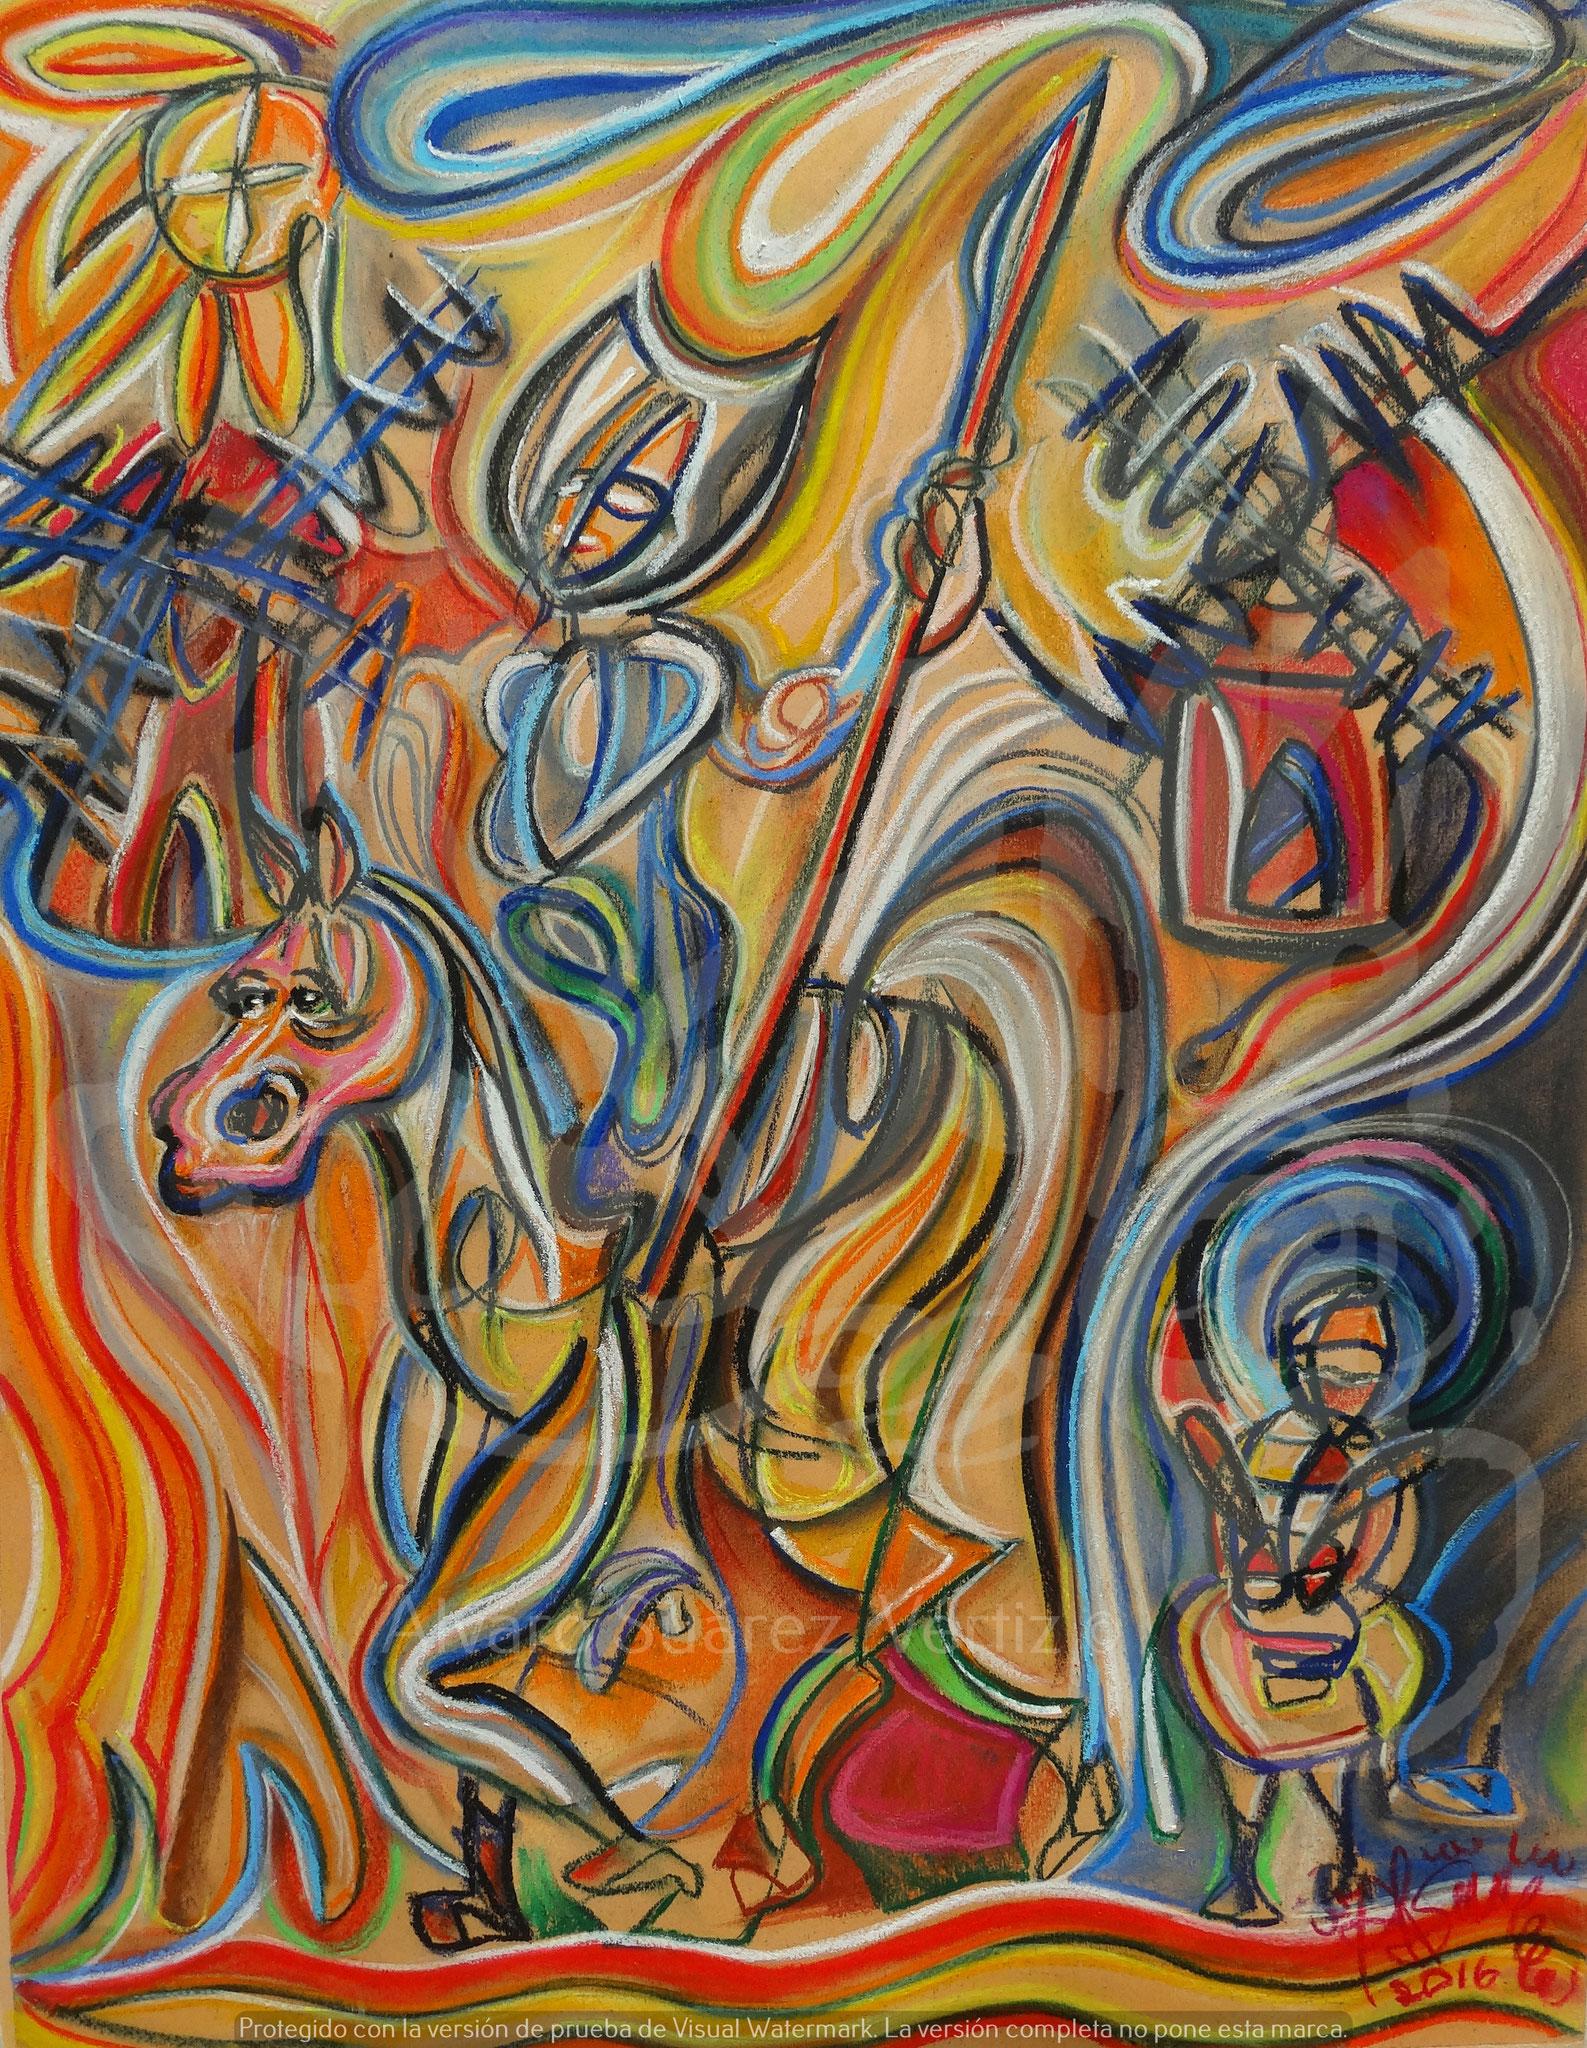 Don Quijote y Sancho en los molinos de viento / Óleo sobre canson / 65 x 50 cm / 2016